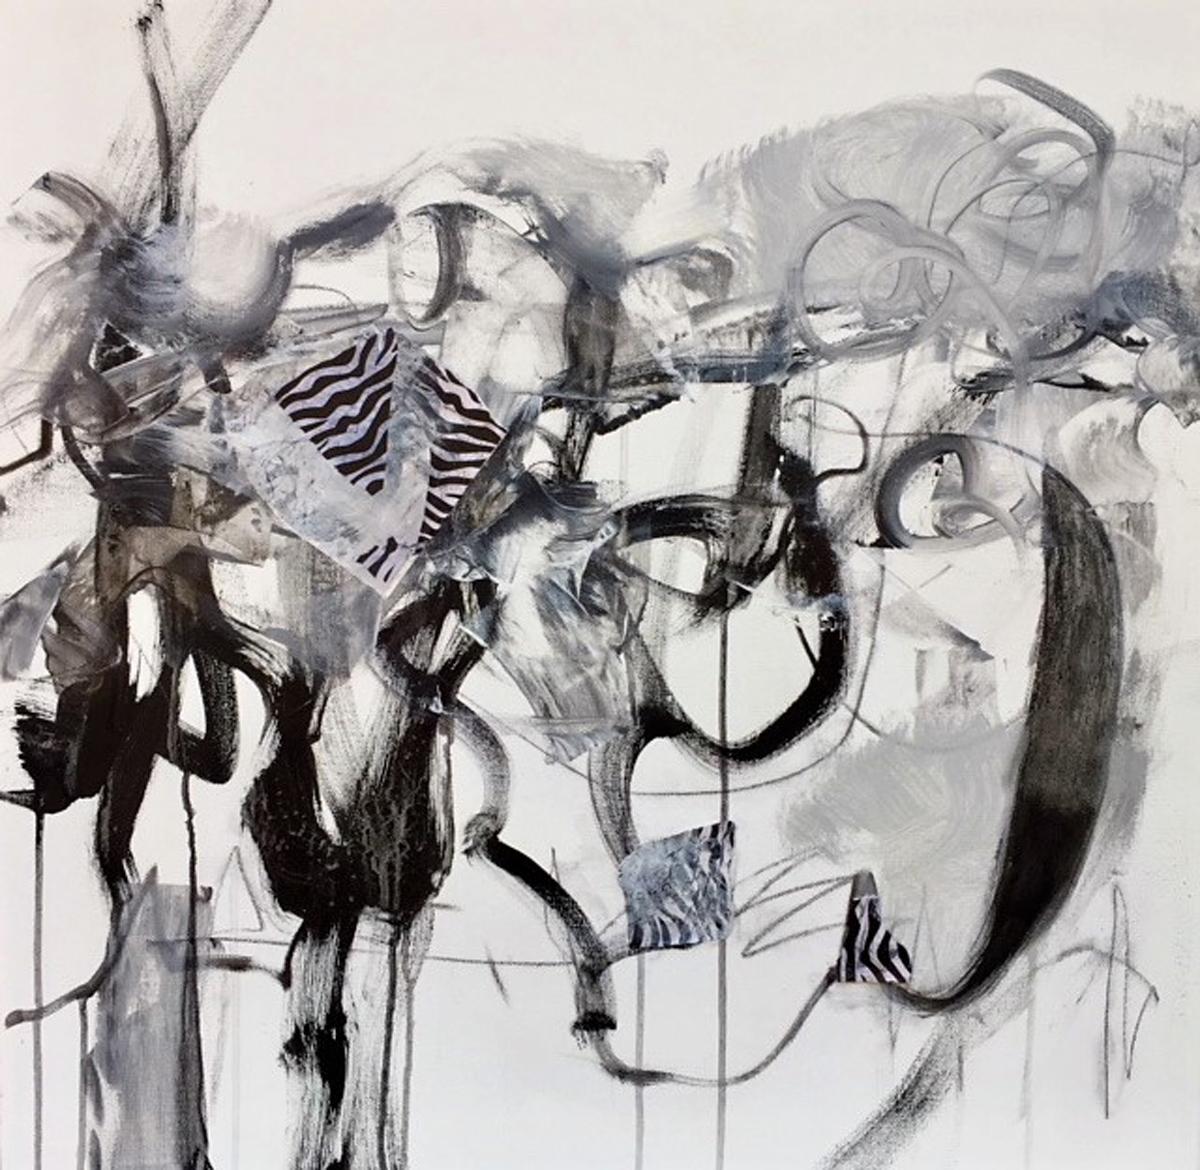 Zebra Tracks by Cheri Erdman